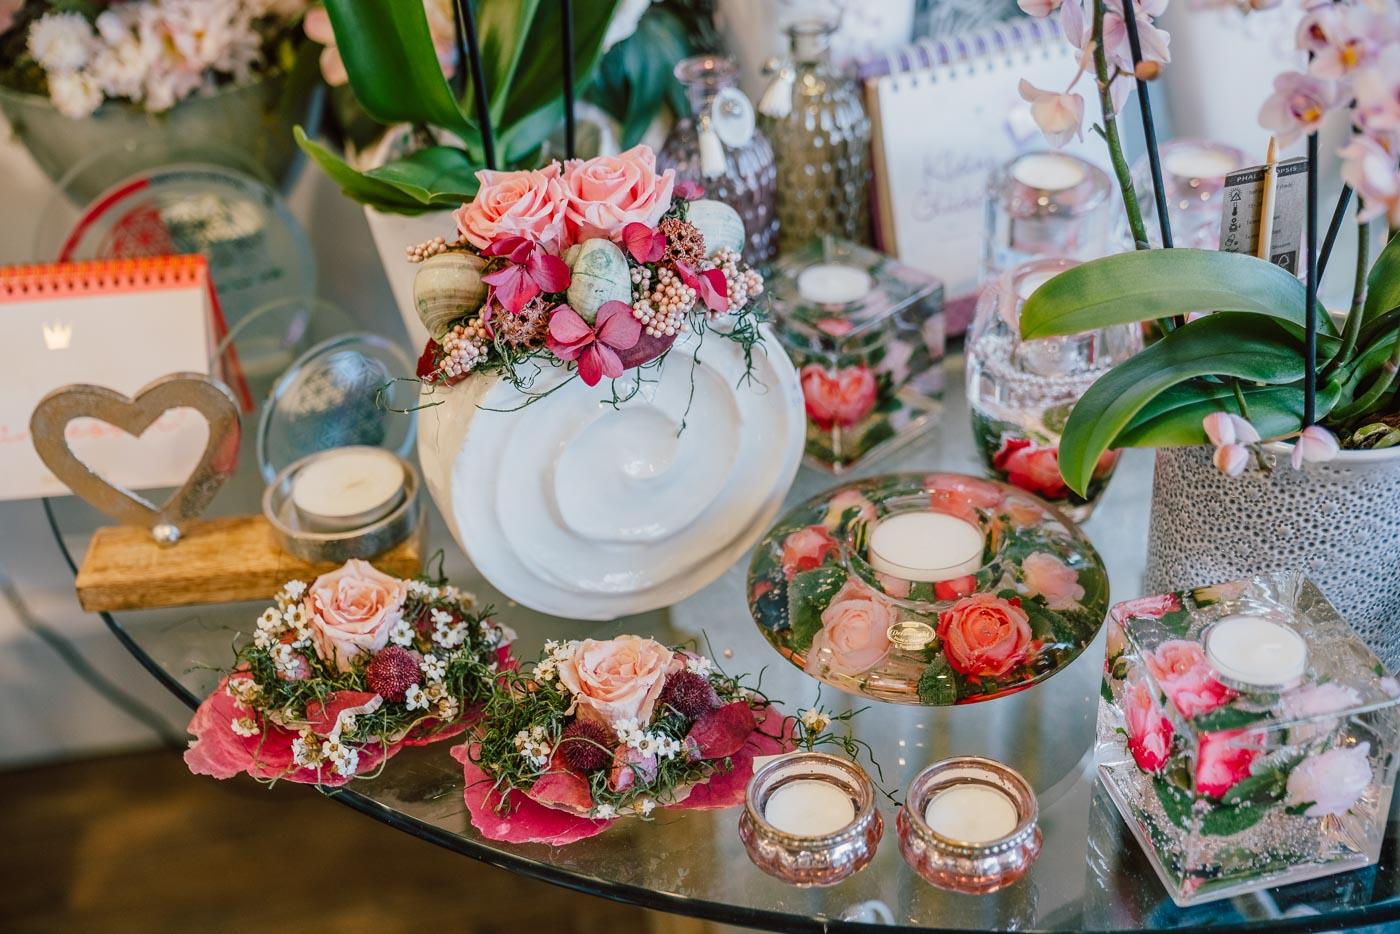 Blumen-Gaby-Strohmeier-geschenkartikel-feb20-9